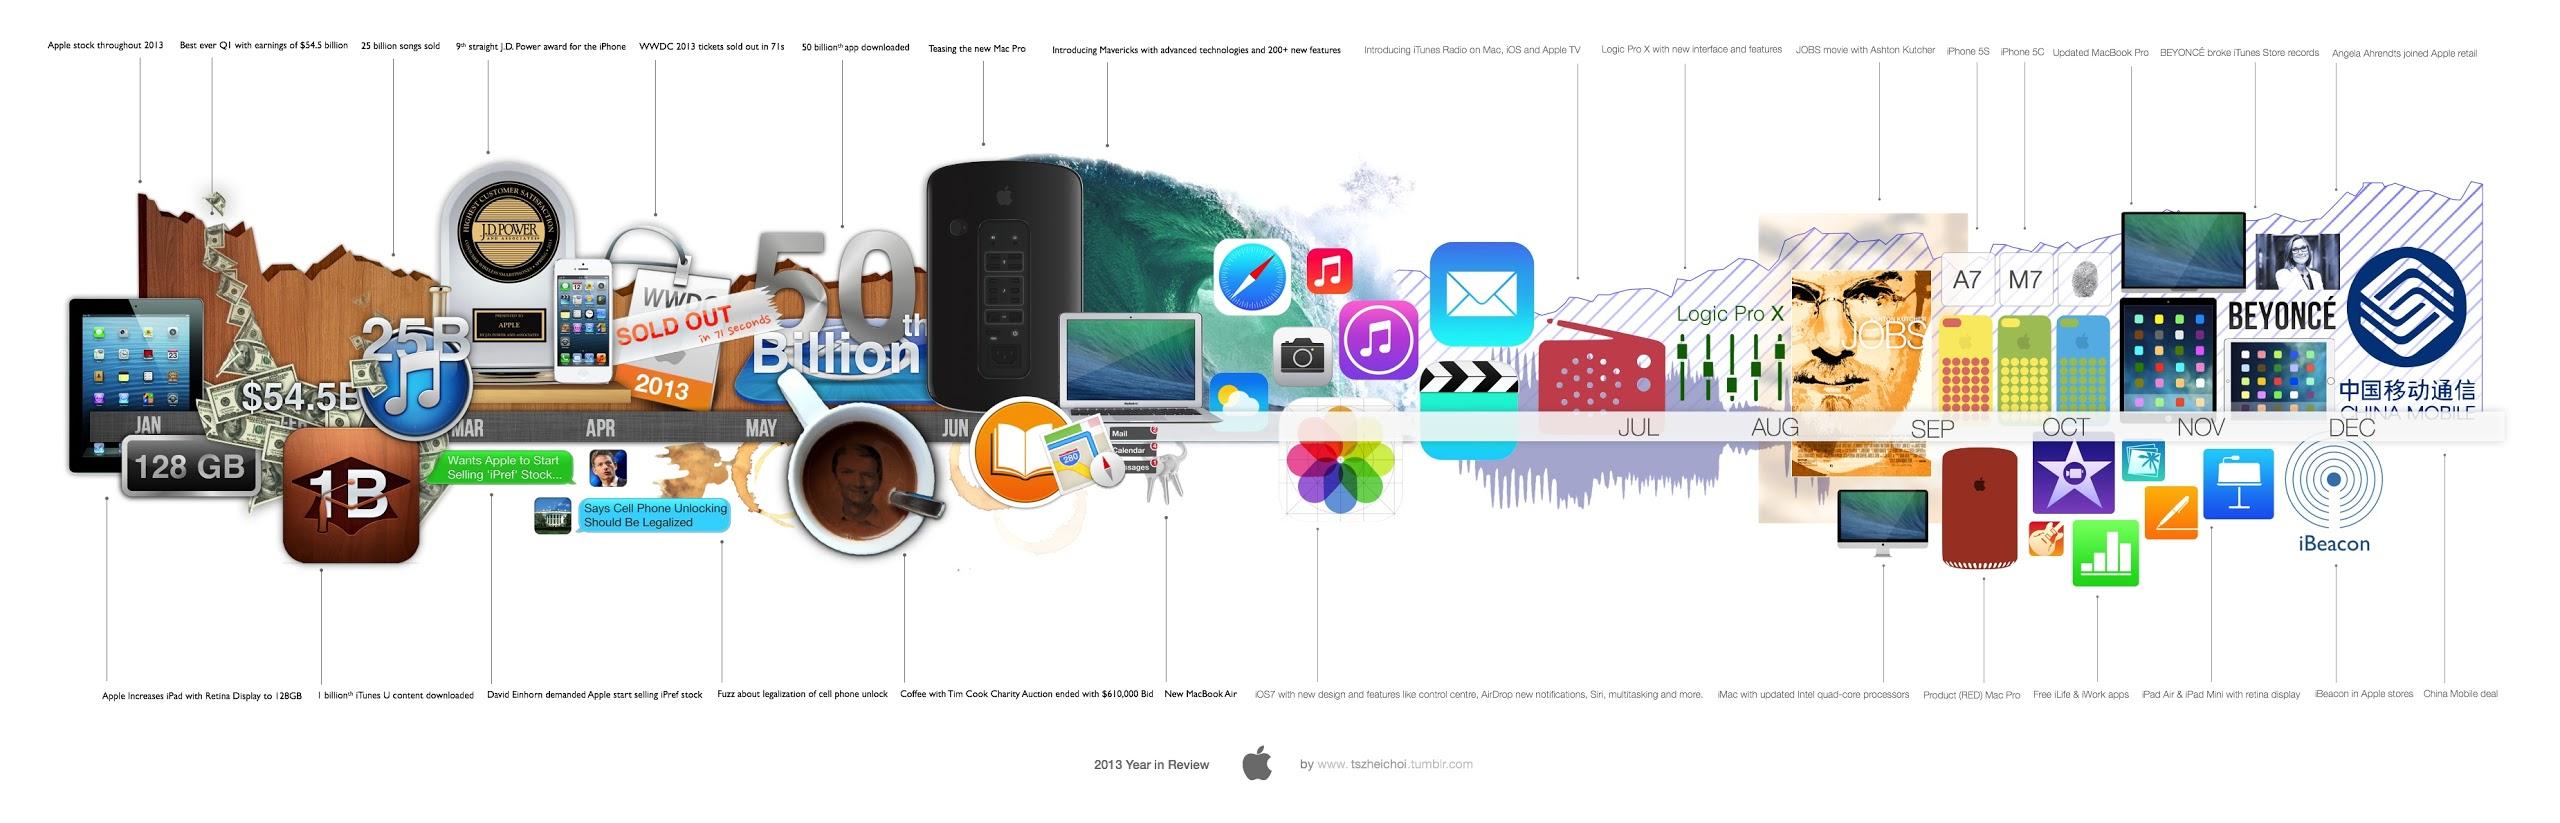 Apple-2013-itogi